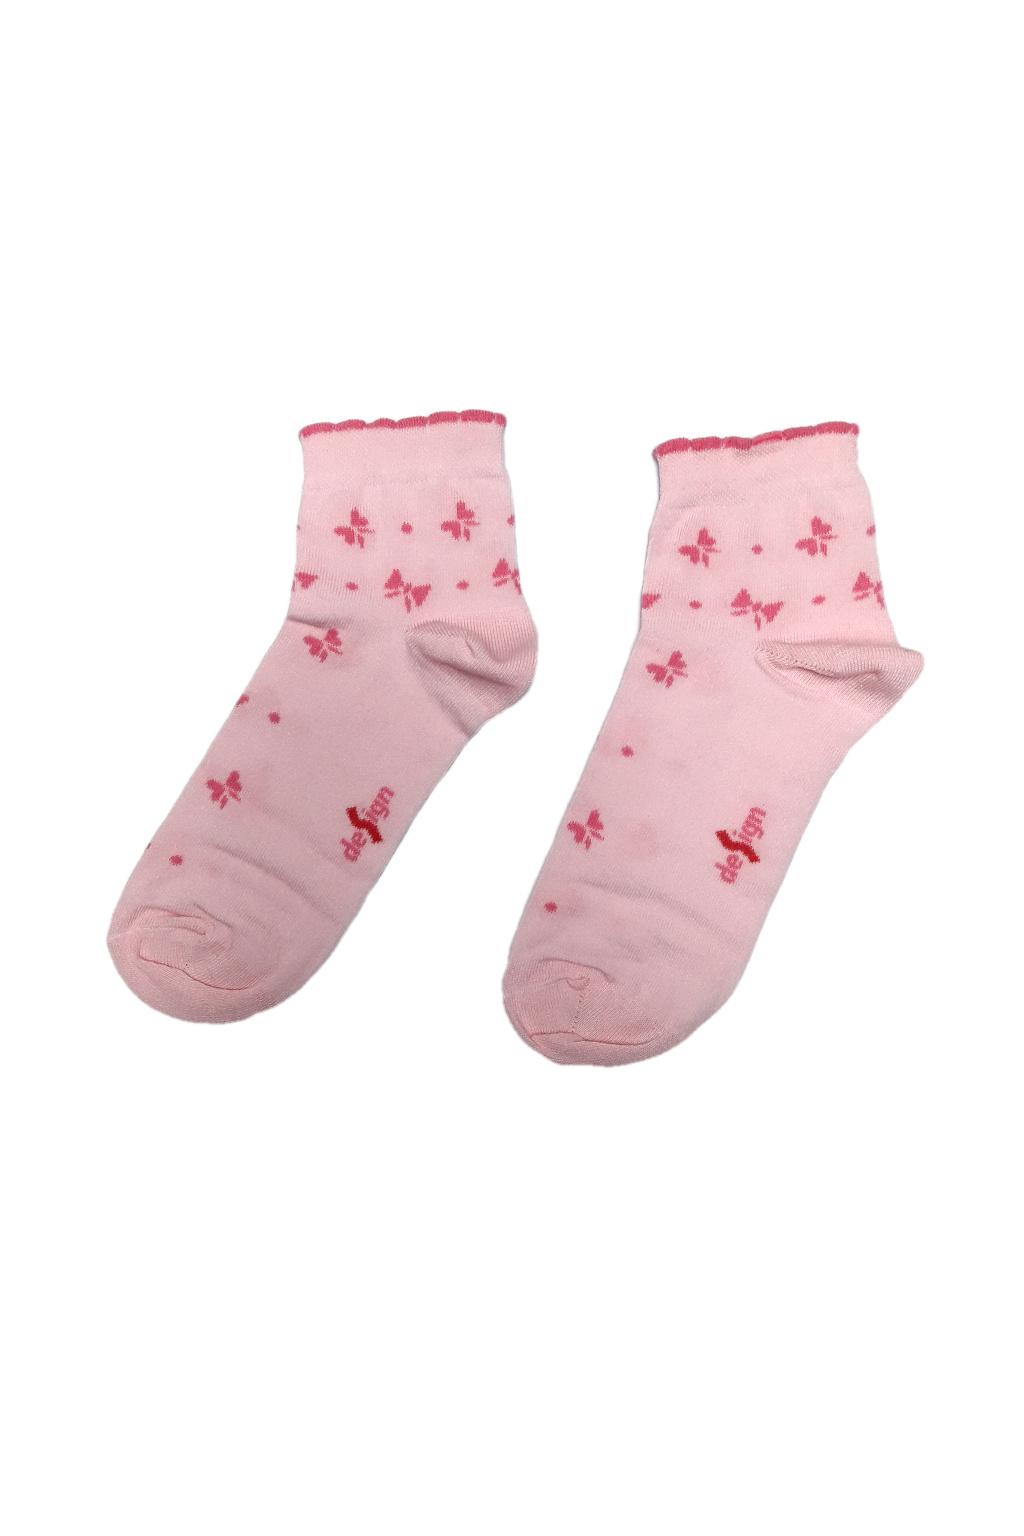 damske ponozky